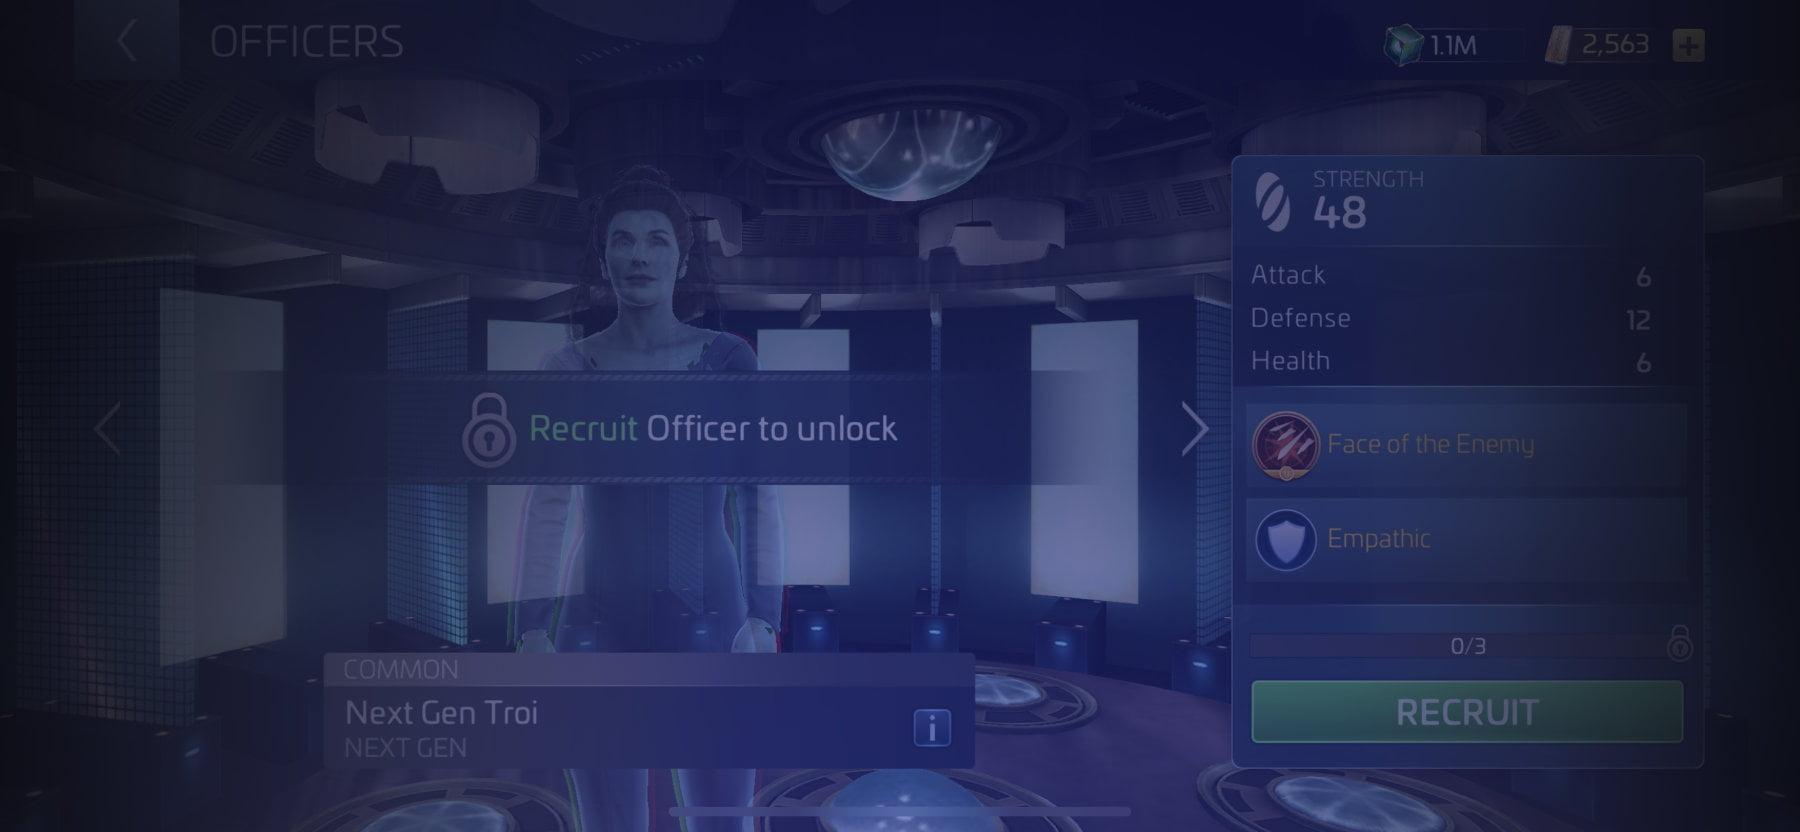 Officer Next Gen Troi